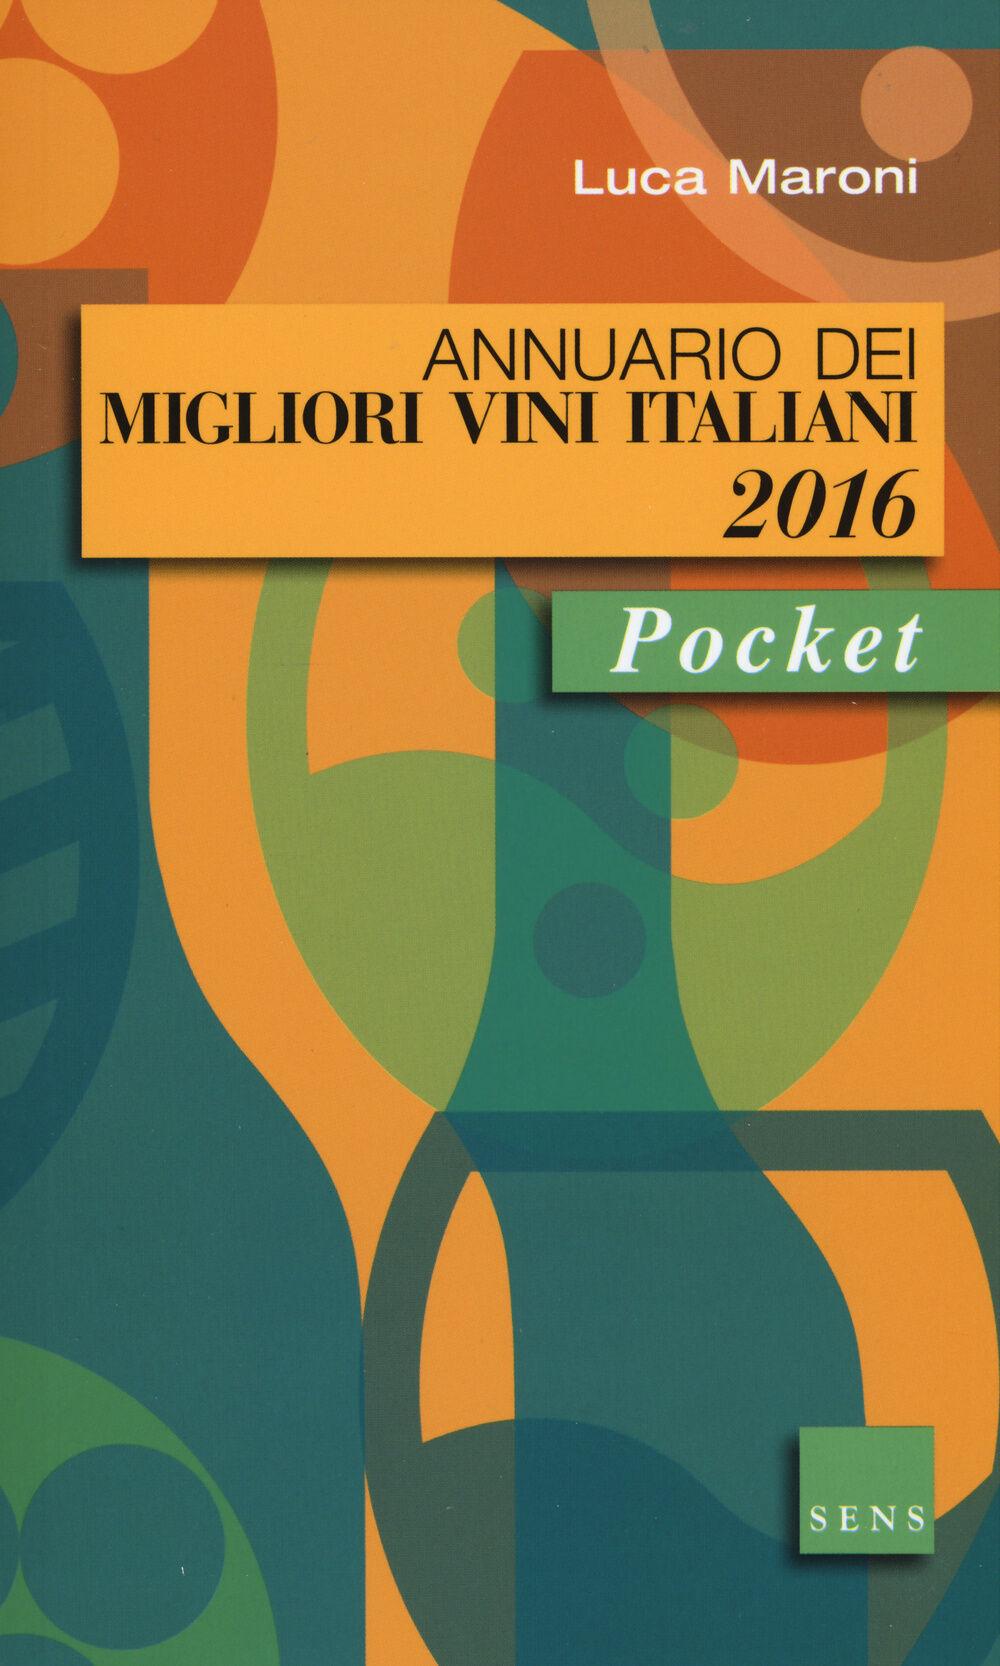 Annuario dei migliori vini italiani 2016. Pocket